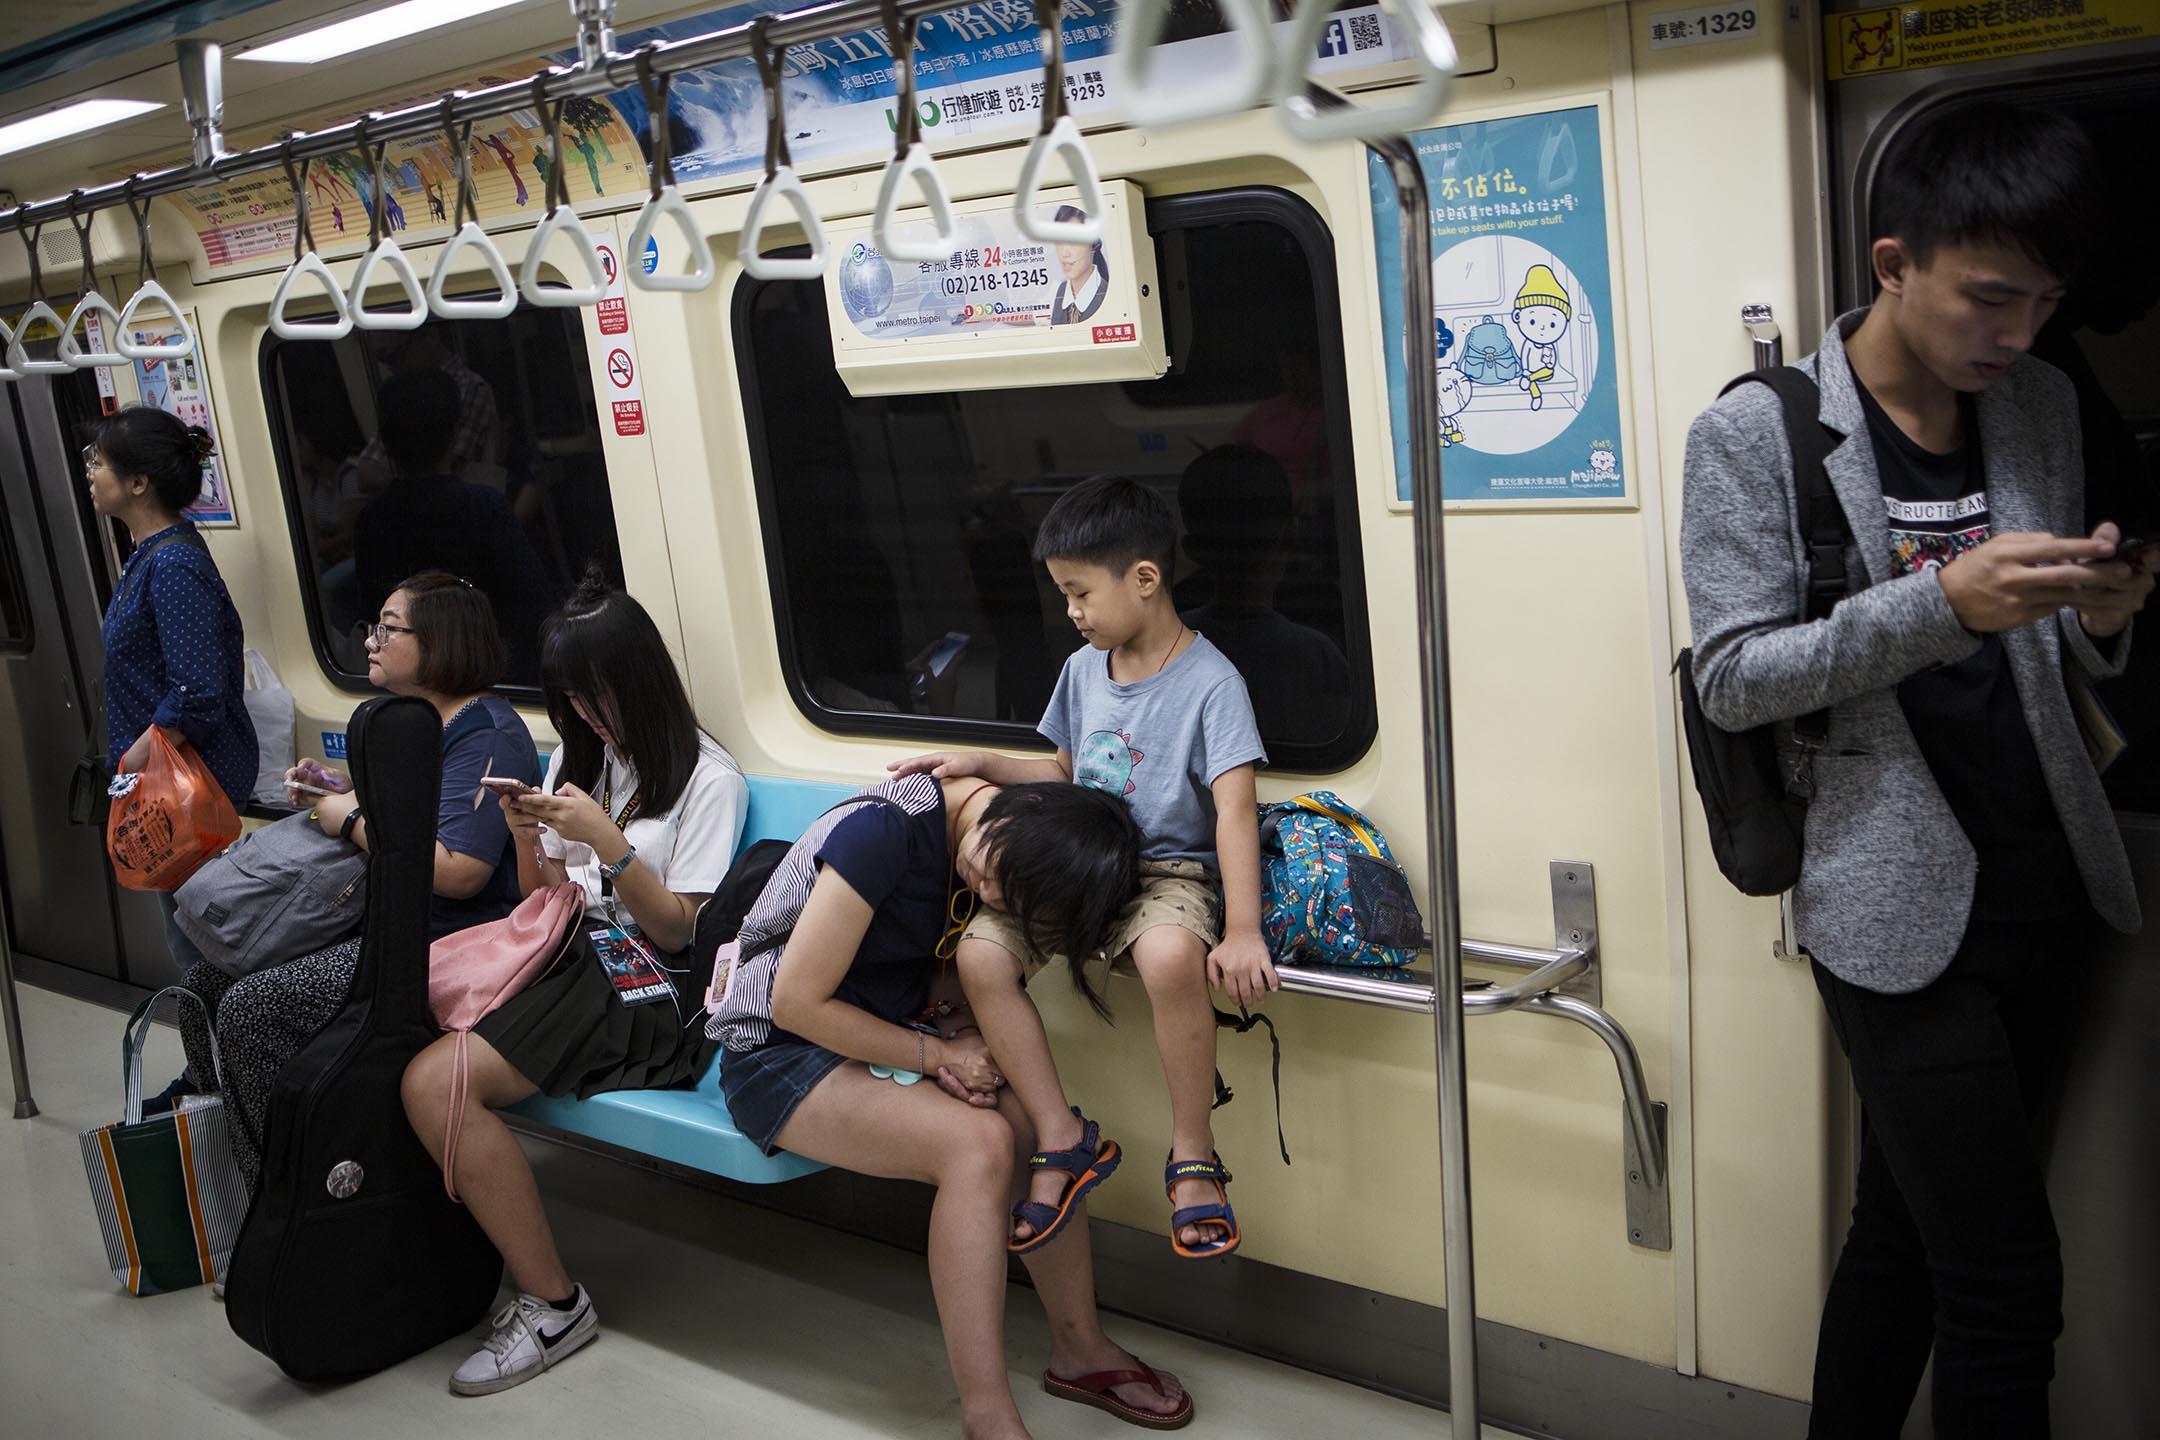 2018年9月1日,台北捷運內一個母親睡在孩子身上。 攝:陳焯煇/端傳媒